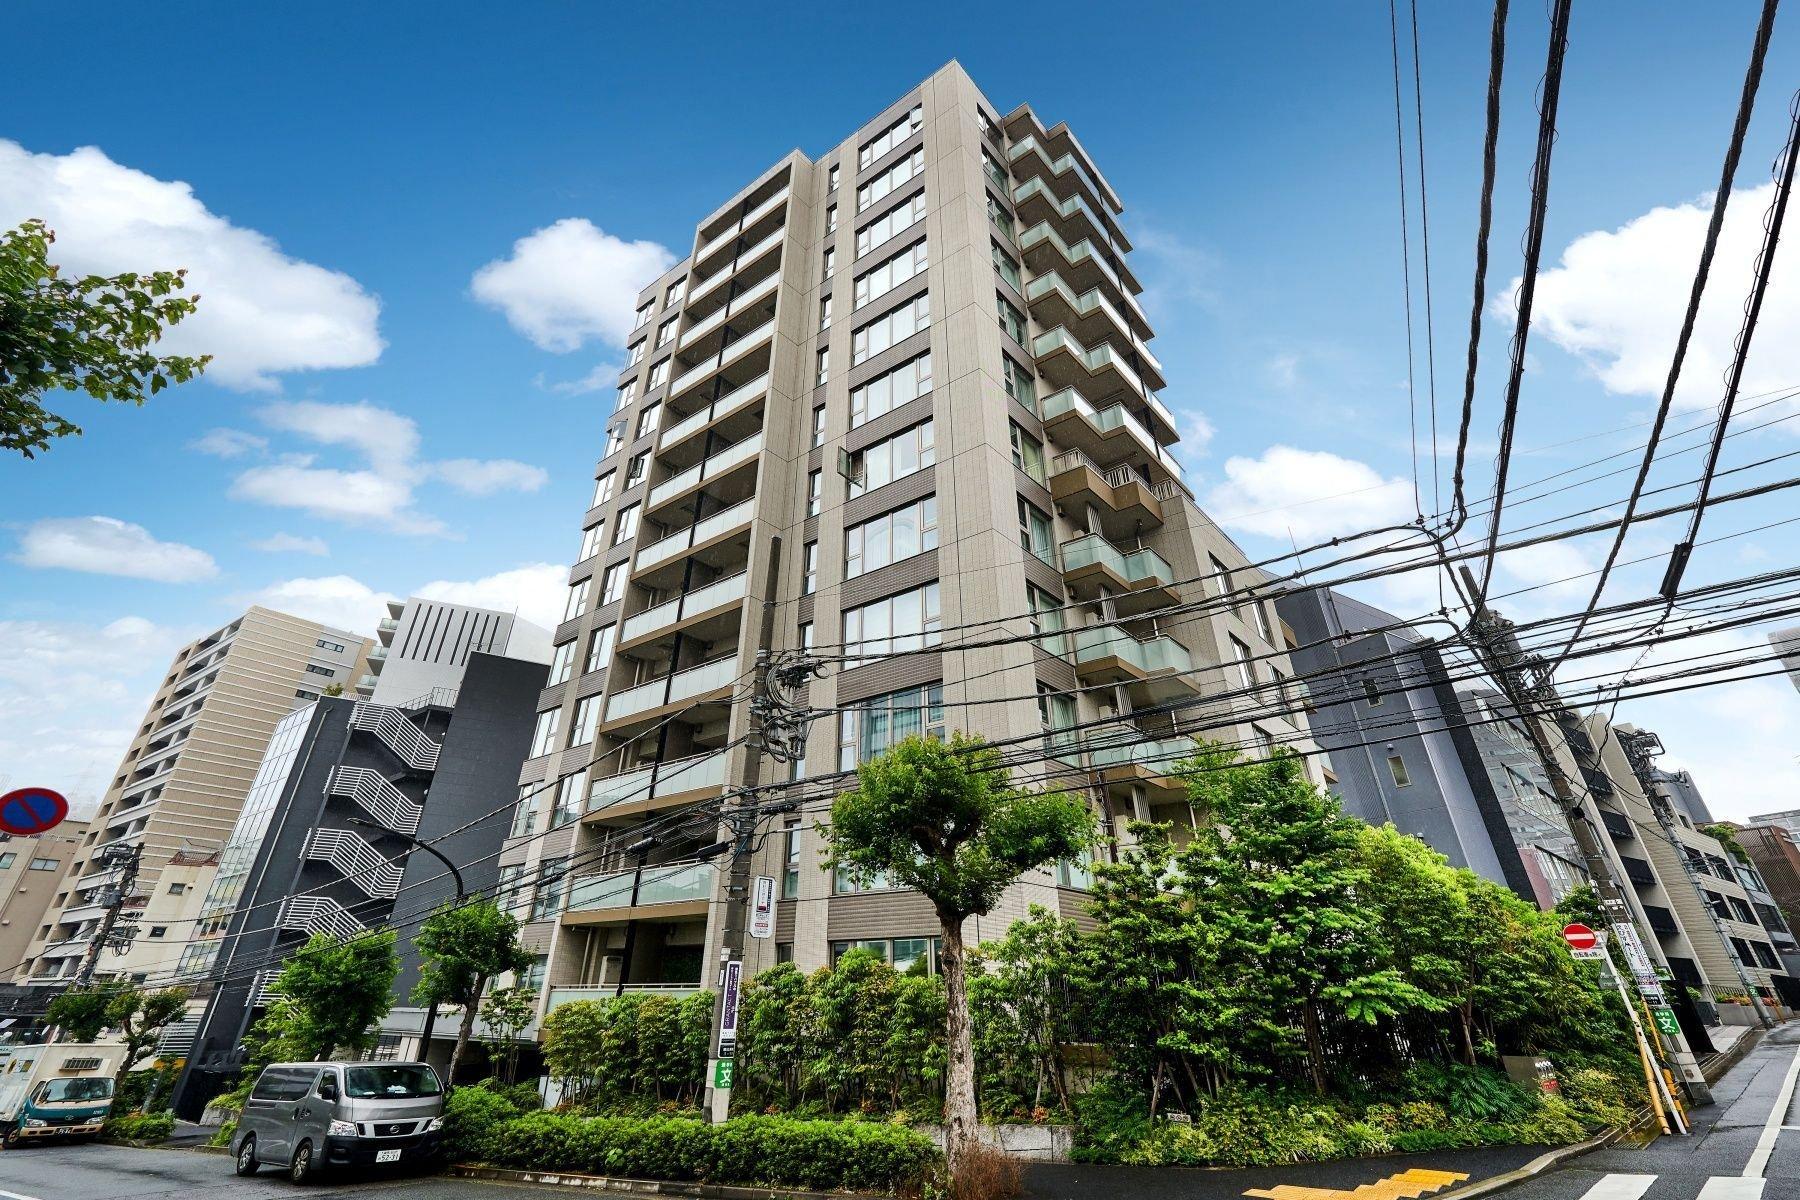 Condo in 13, Tokyo, Japan 1